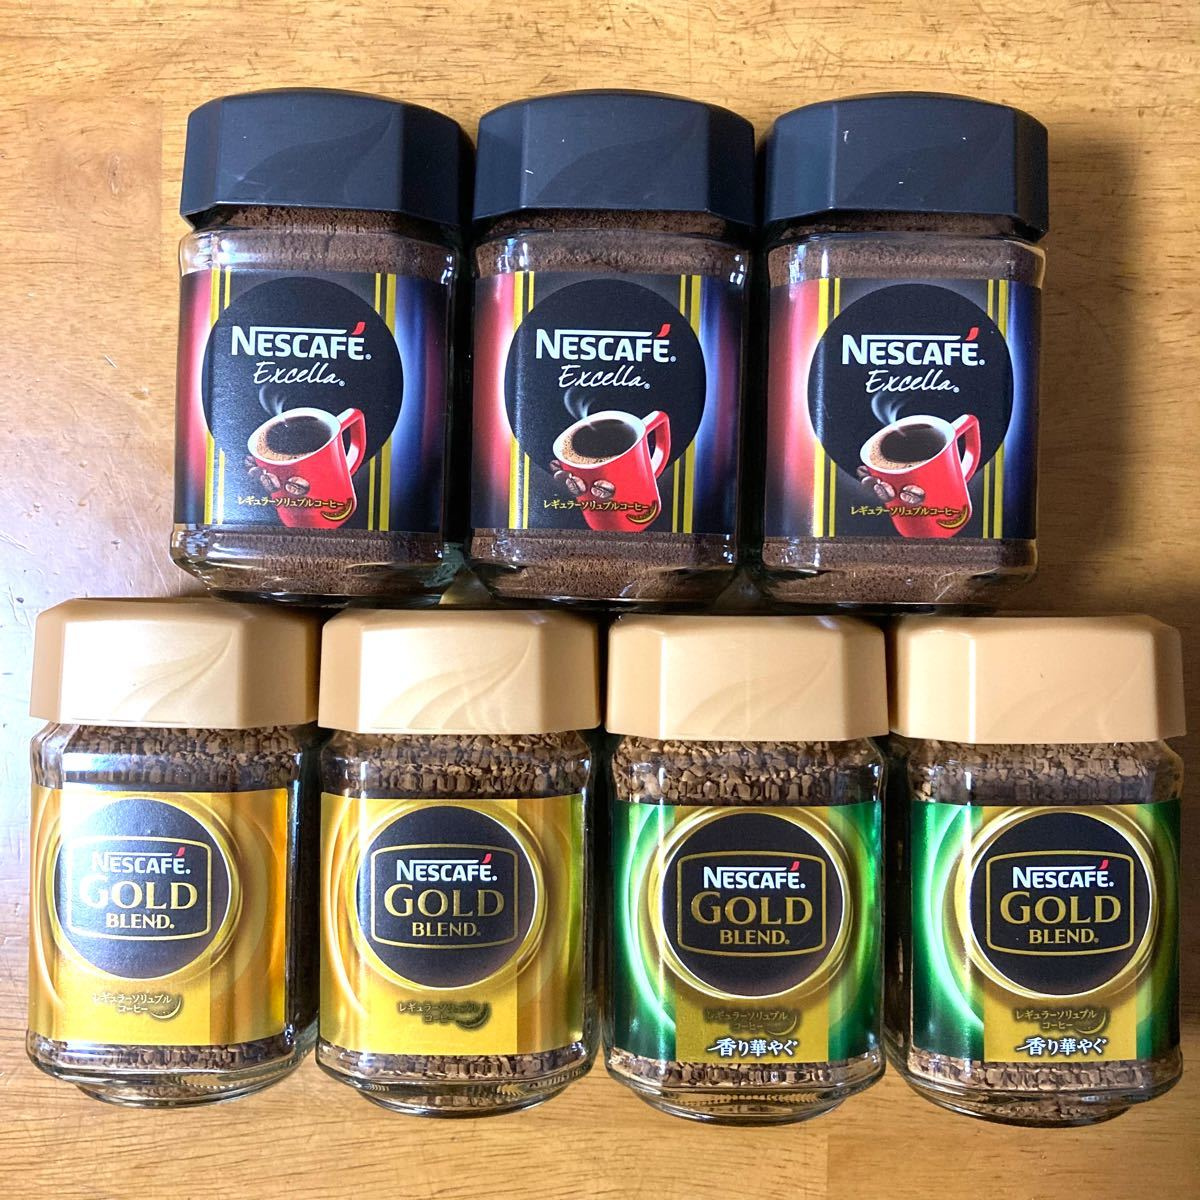 ネスカフェ エクセラ3、ゴールドブレンド4(レギュラー2・香り華やぐ2) 詰合せ